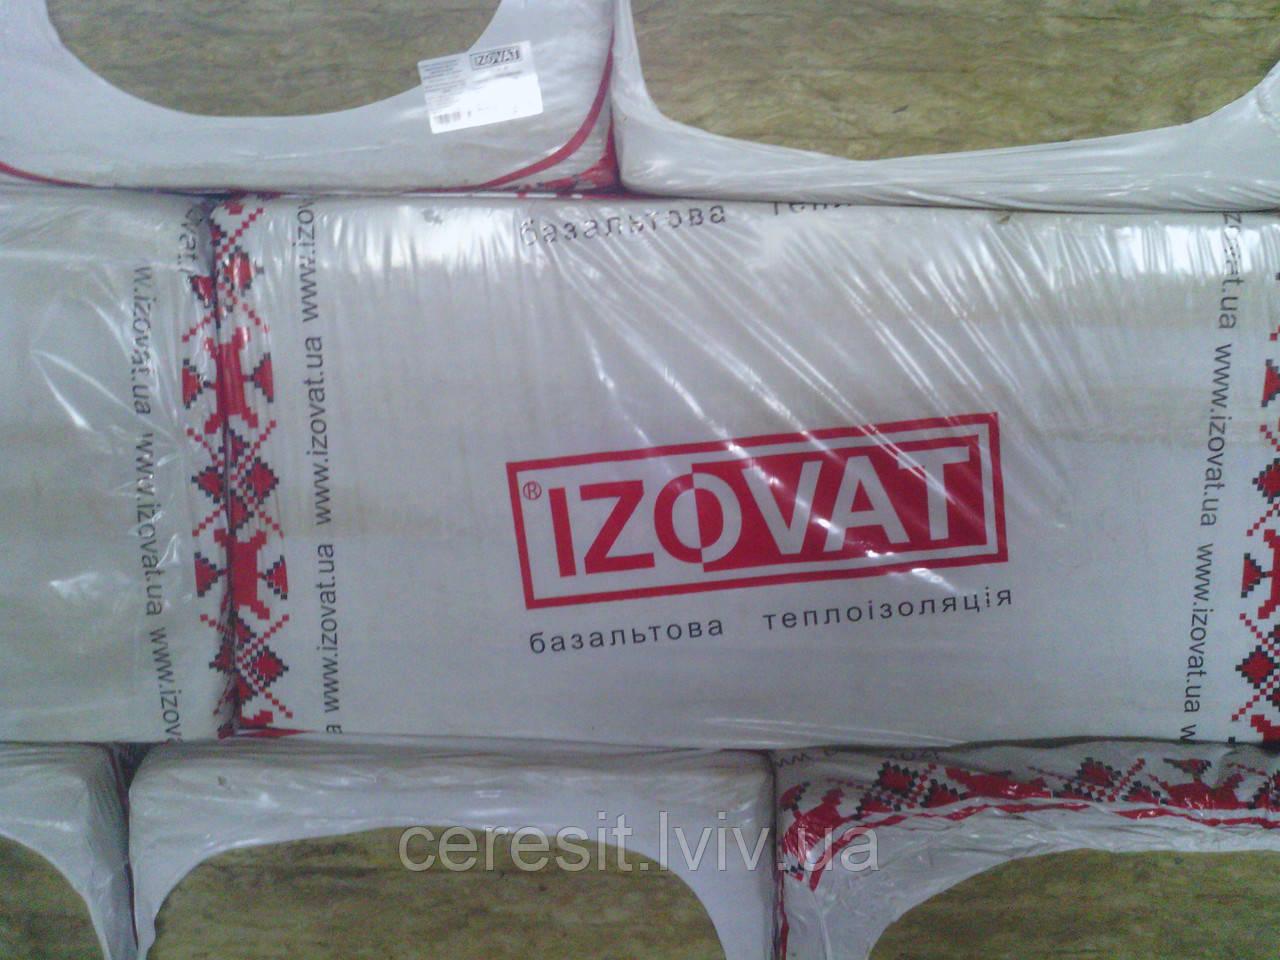 Izovat базальтова вата для даху 25-30кг/м3